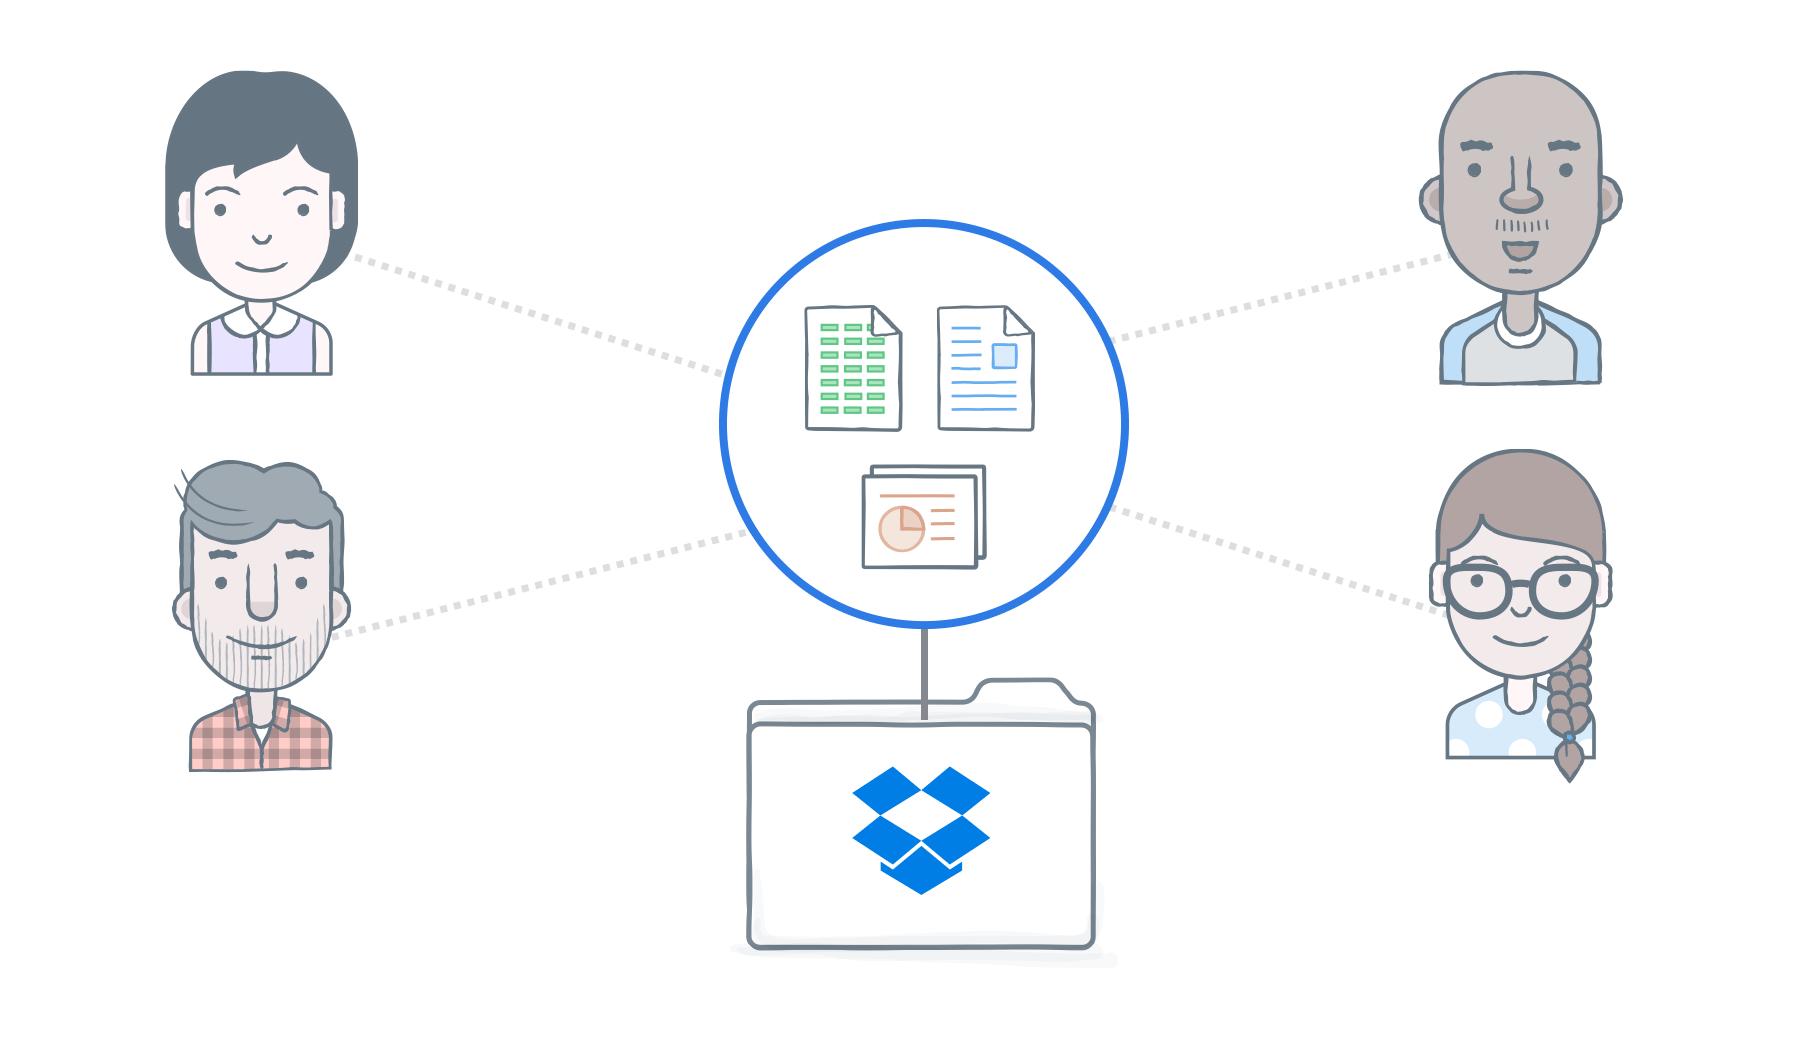 Dropbox shared folder